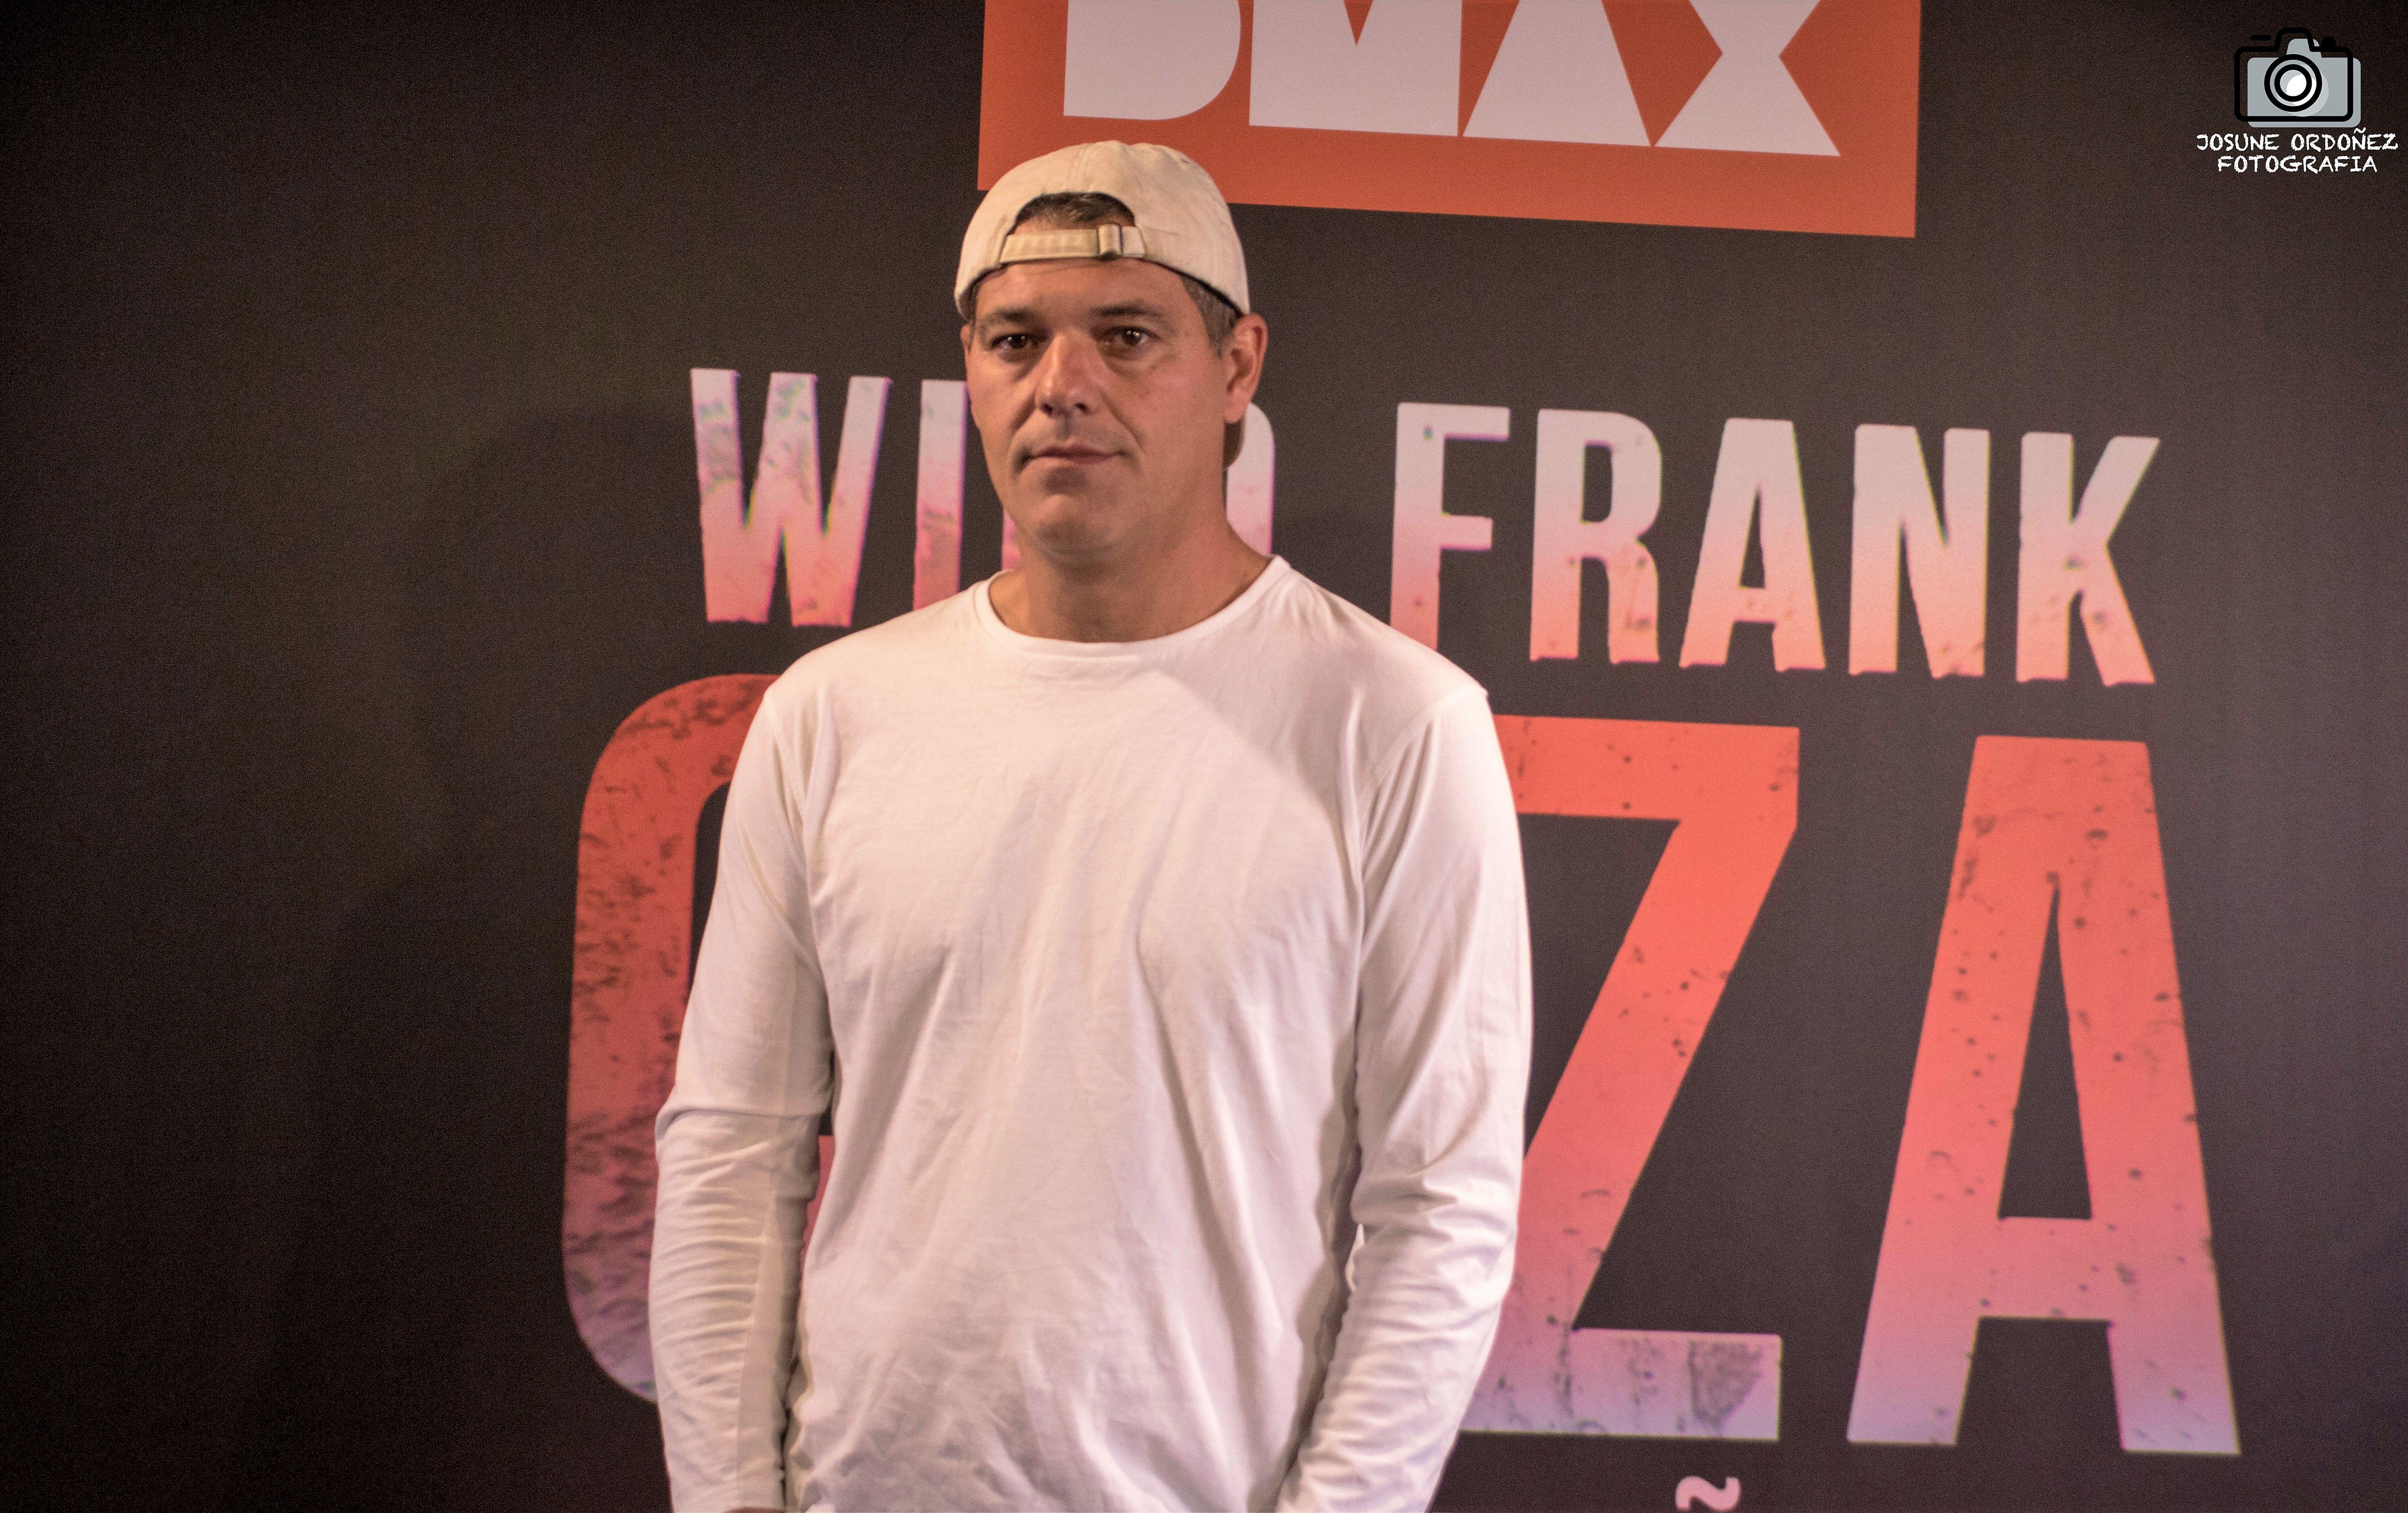 WILD FRANK NOS PRESENTA «CAZA» EN DMAX